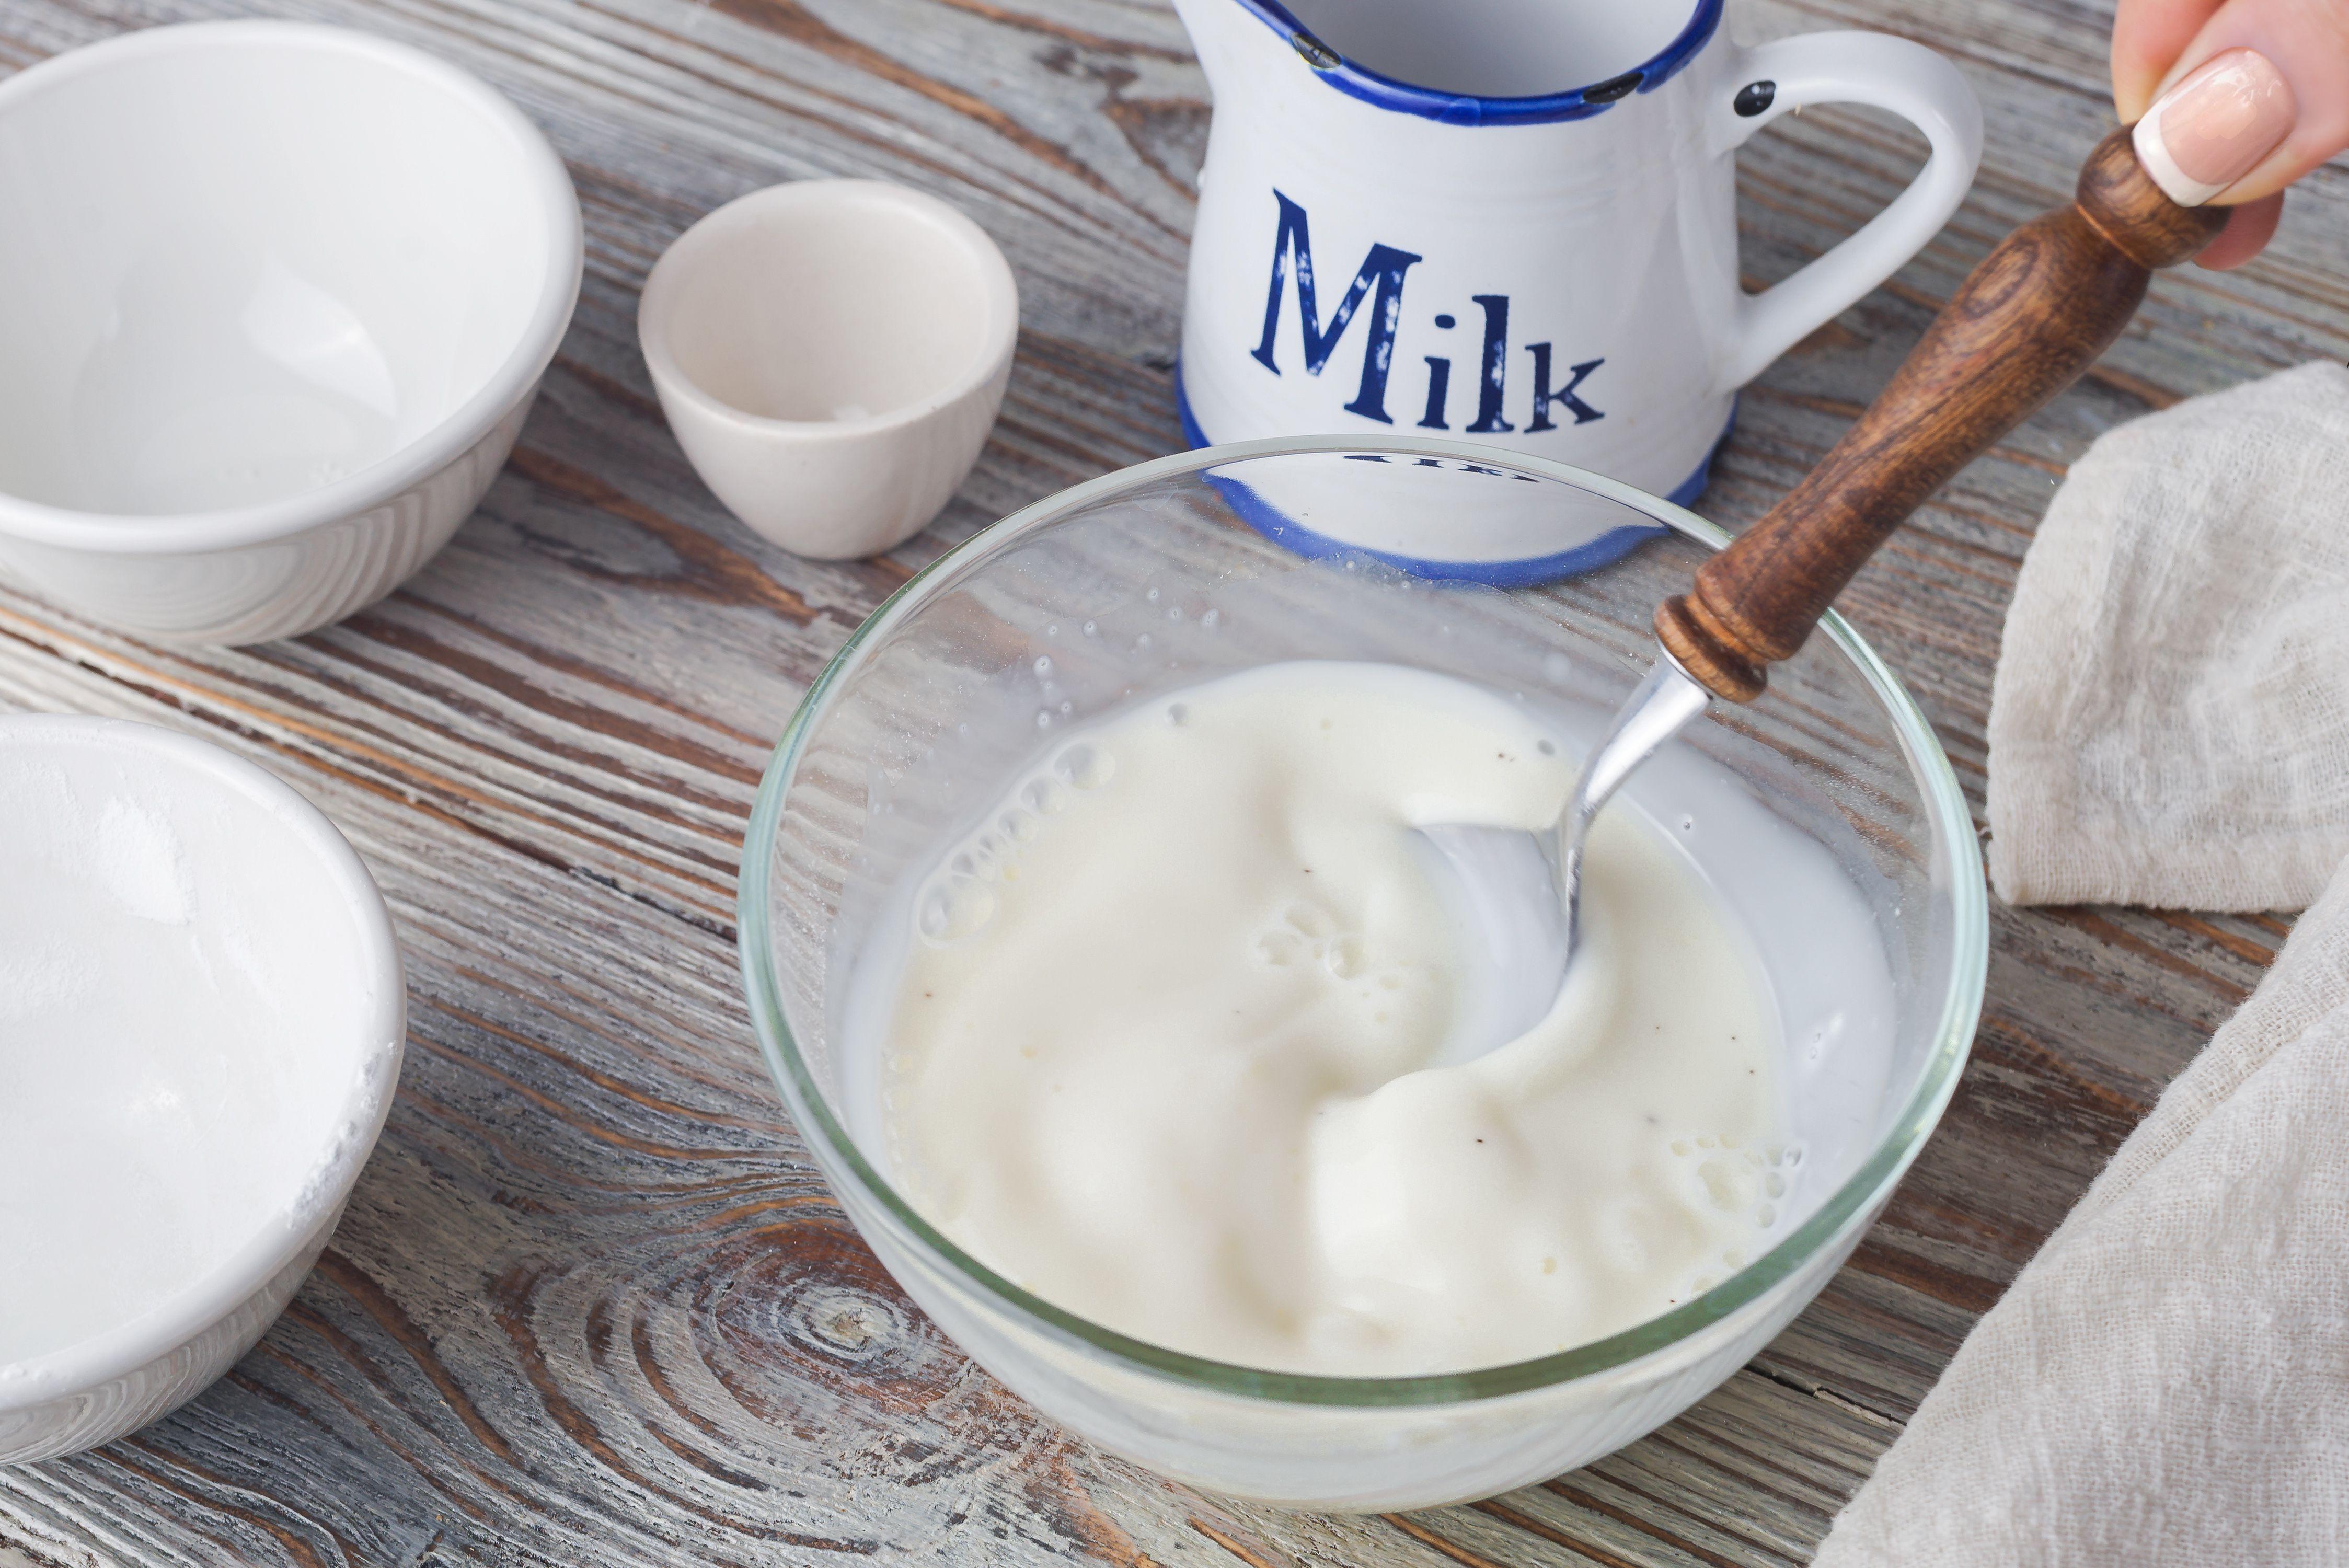 Stir in remaining milk to sugar, cornstarch, and salt